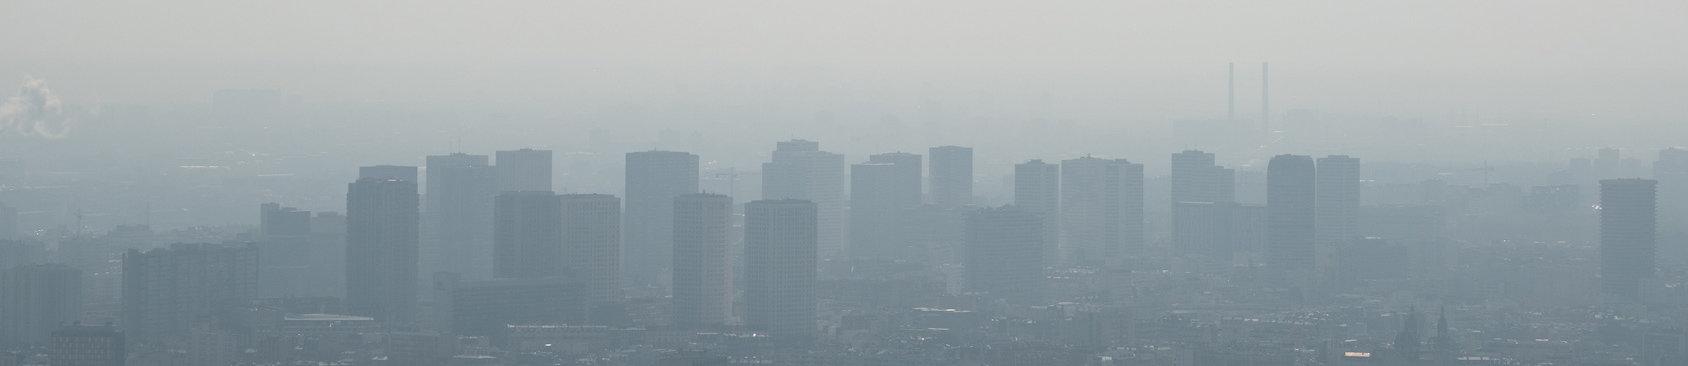 polucion y contaminacion sobre una ciudad